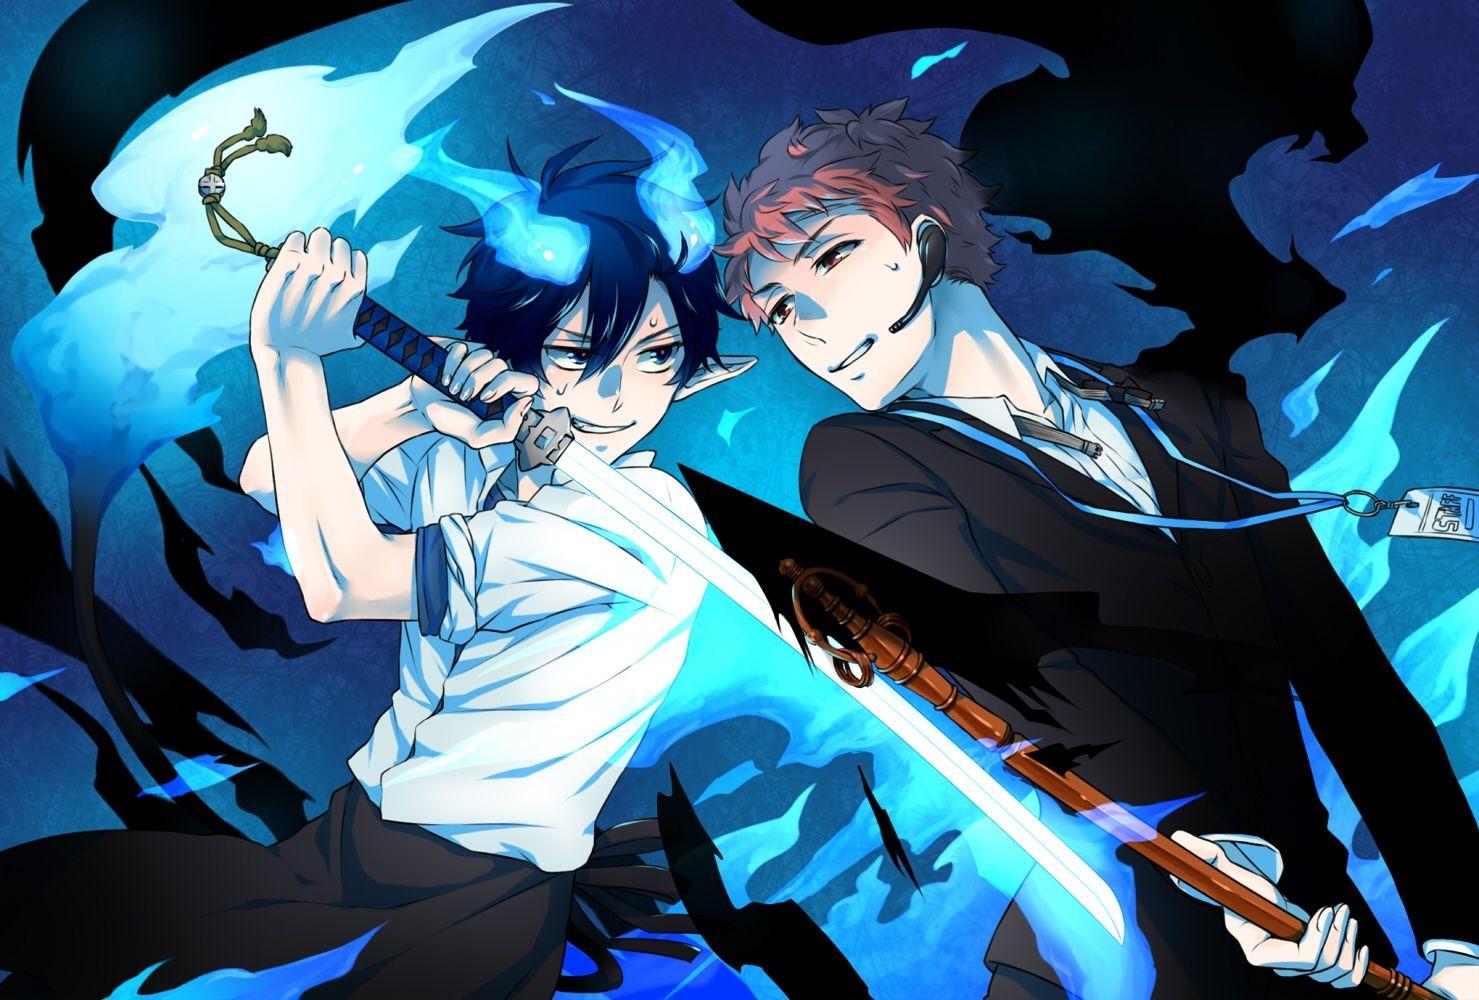 Anime Blue Exorcist Rin Okumura Ao No Exorcist Wallpaper Ao No